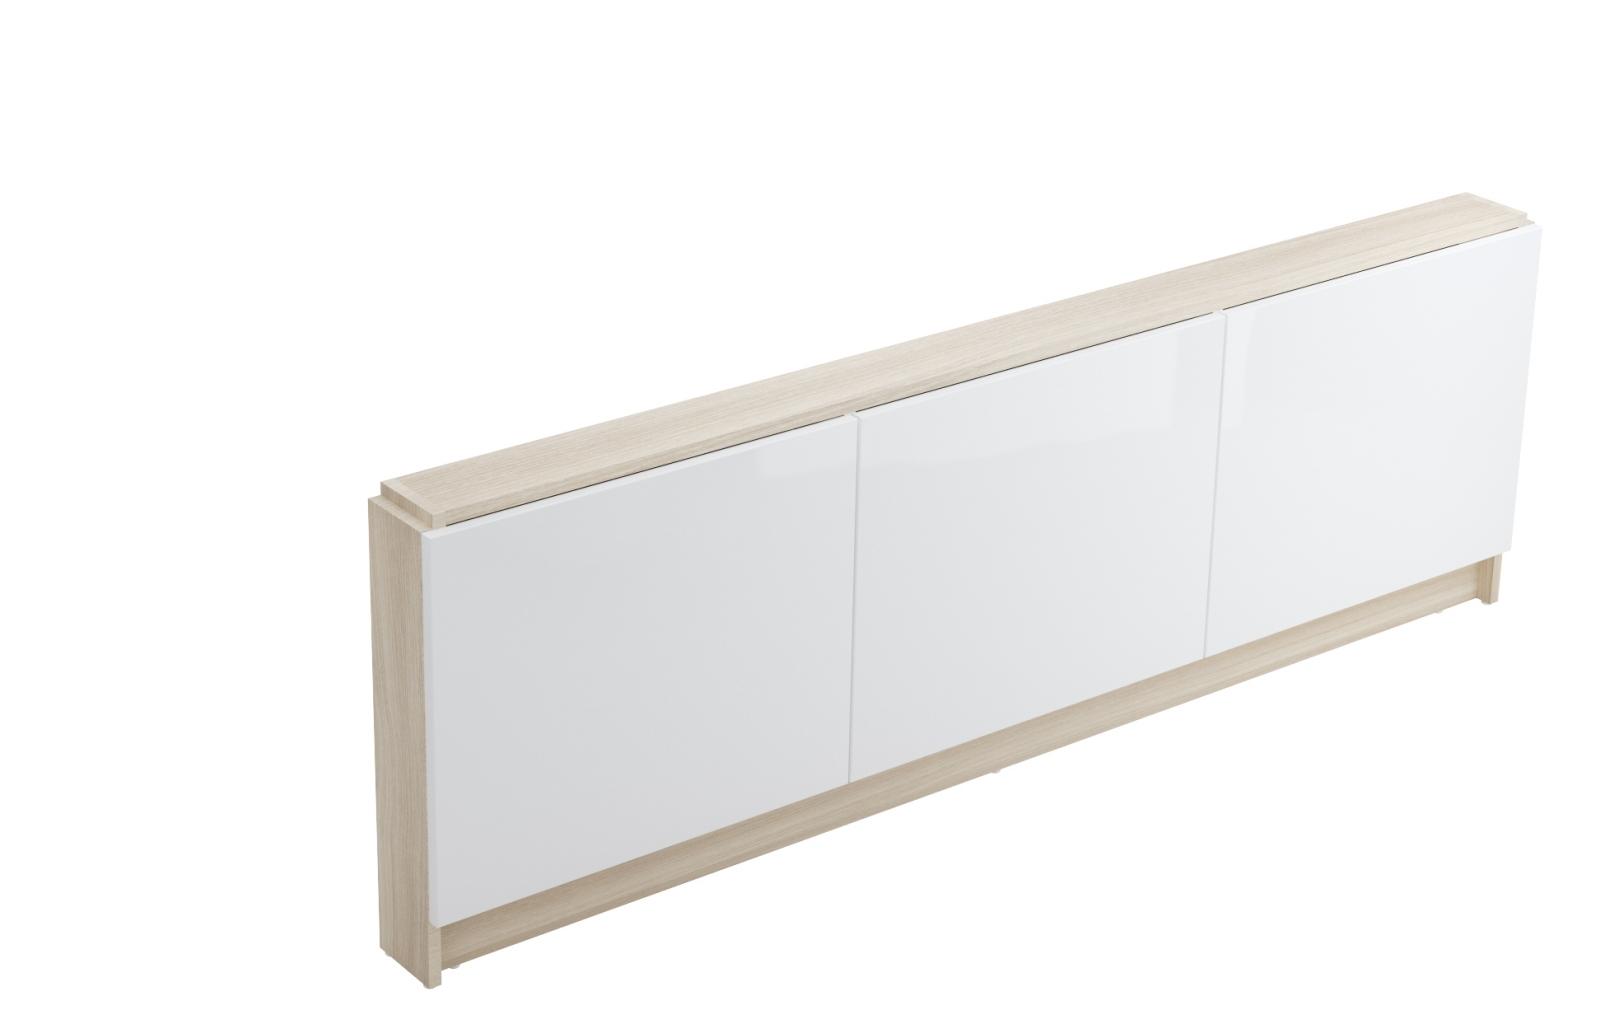 CERSANIT NÁBYTKOVÝ PANEL K VANĚ SMART 170 WHITE FRONT (S568-026)